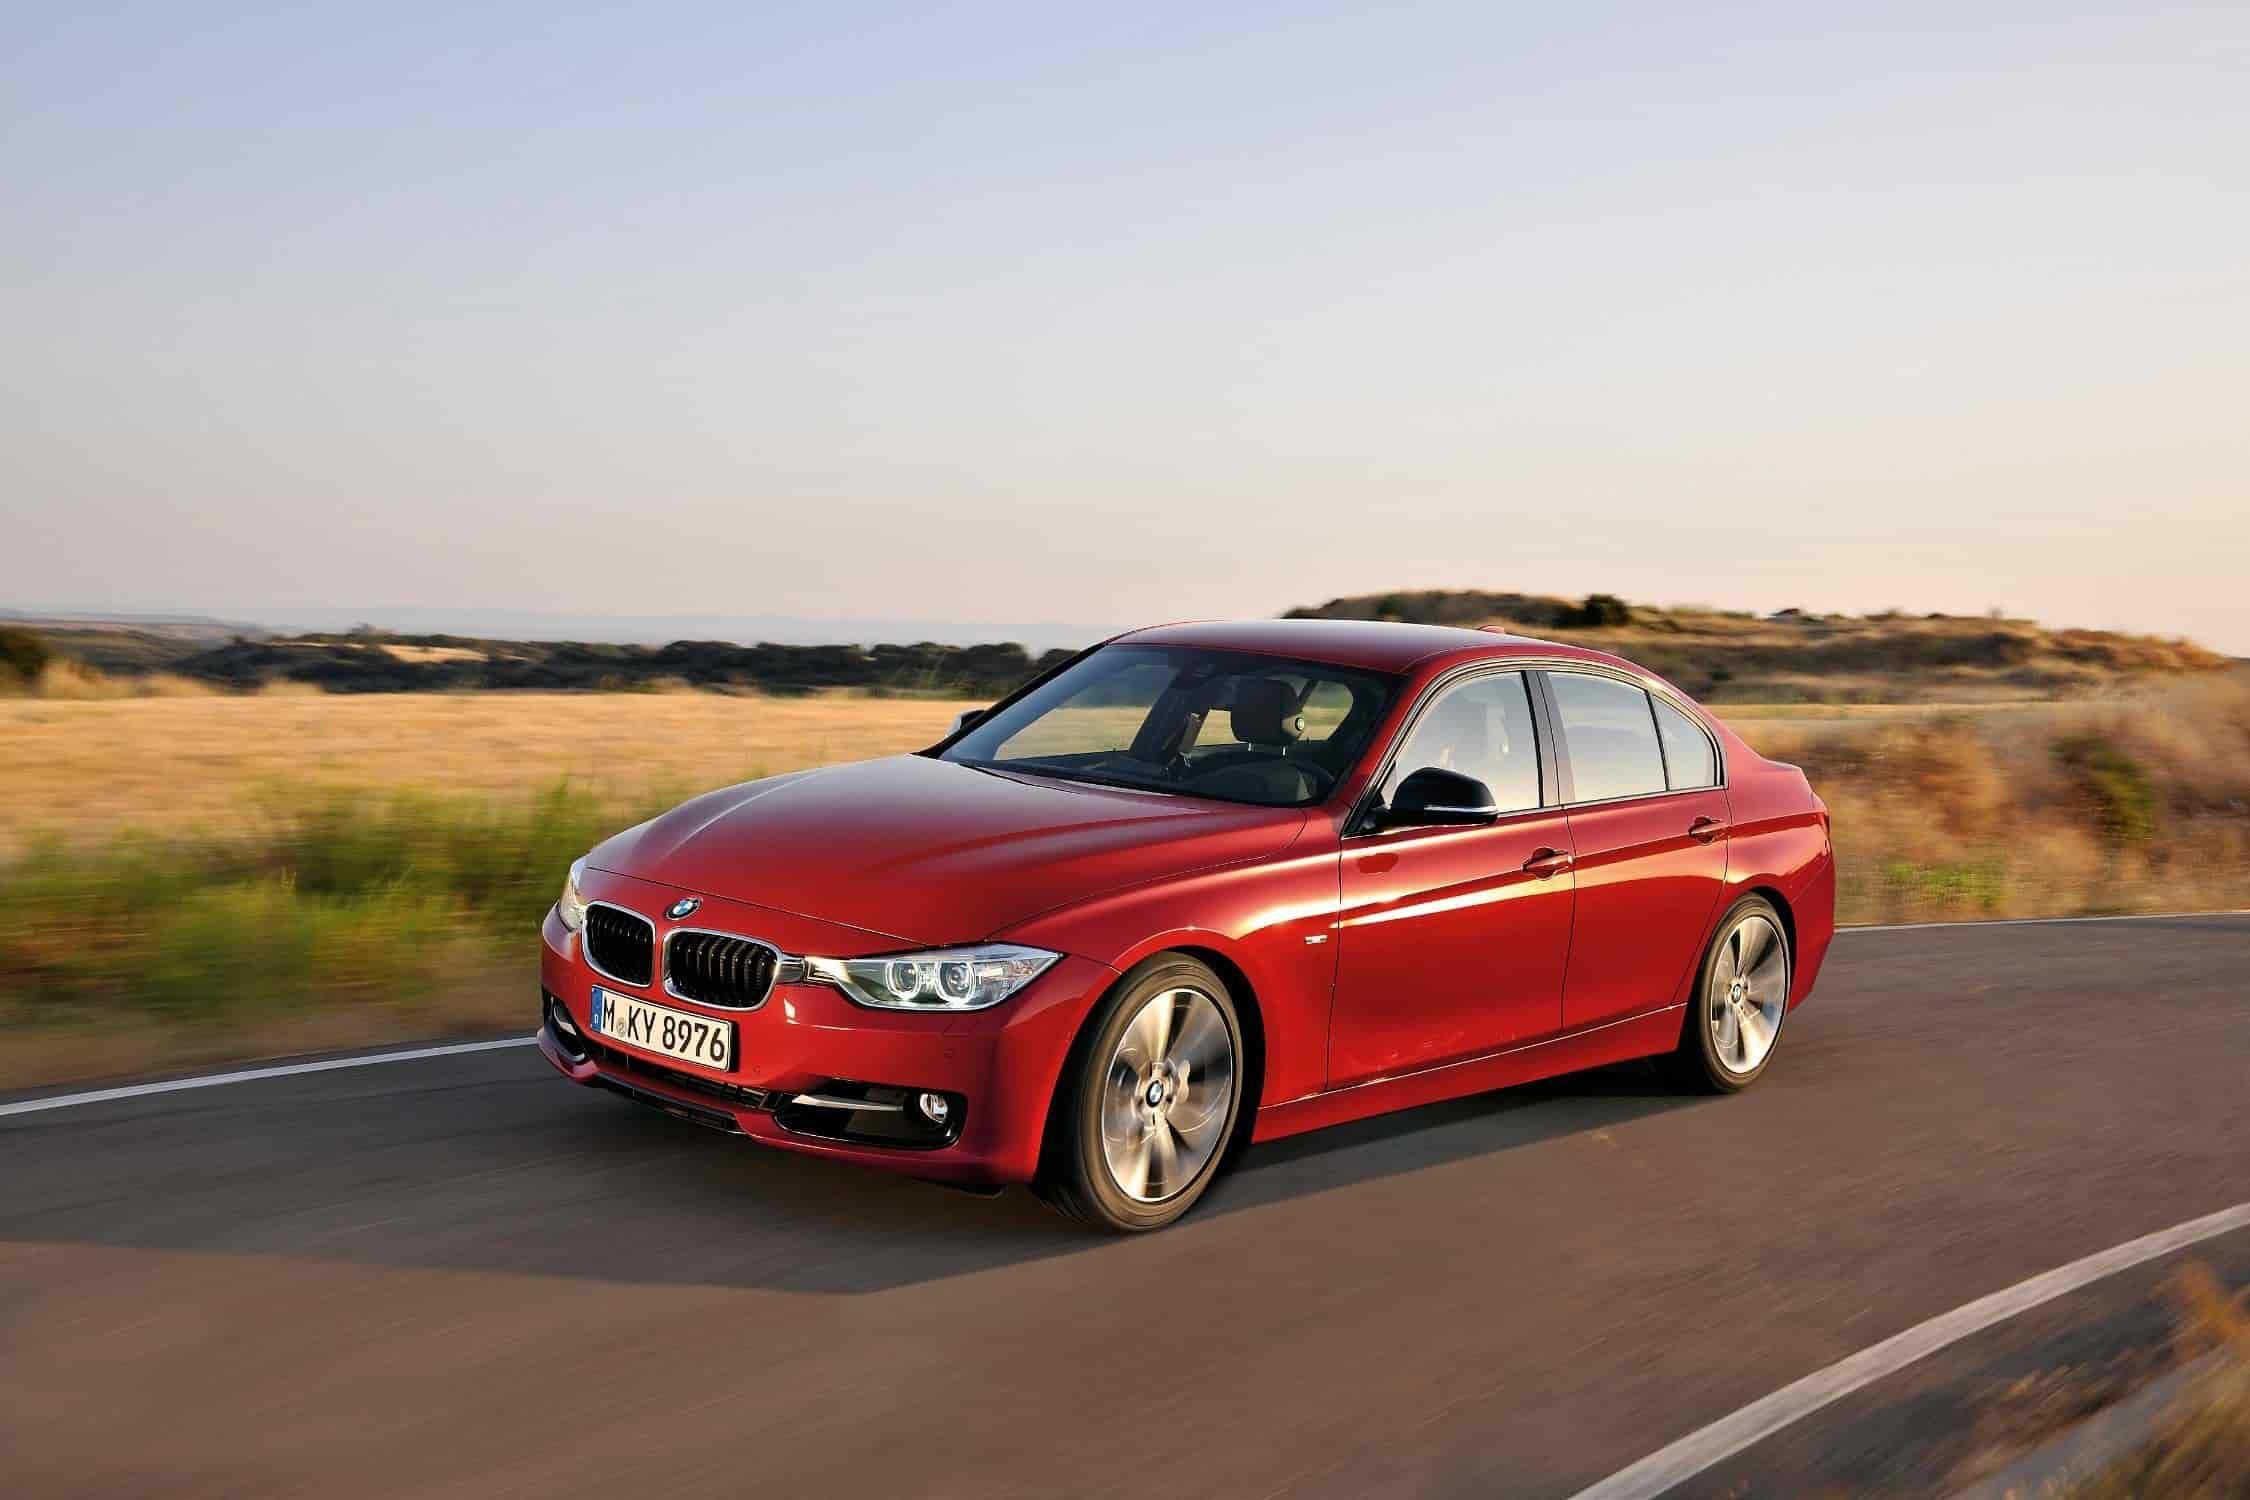 7. BMW Serie 3 (F30) - 2011.En la sexta generación del BMW Serie 3, apareció una nueva evolución: el BMW Serie 3 (F30) contaba con una parrilla doble, relativamente ancha que por primera vez estaba conectada a la zona de los faros sin estar separada por parrillas laterales ni superficies del color de la carrocería. También se encuentran diseños similares de la parrilla de BMW en el BMW Serie 7, 2015 (que también fue el primer modelo en contar con la función visible Air Flap Control), la generación actual del BMW Serie 5 (G30) y el último BMW Serie 6 (G32), ambos de 2017.